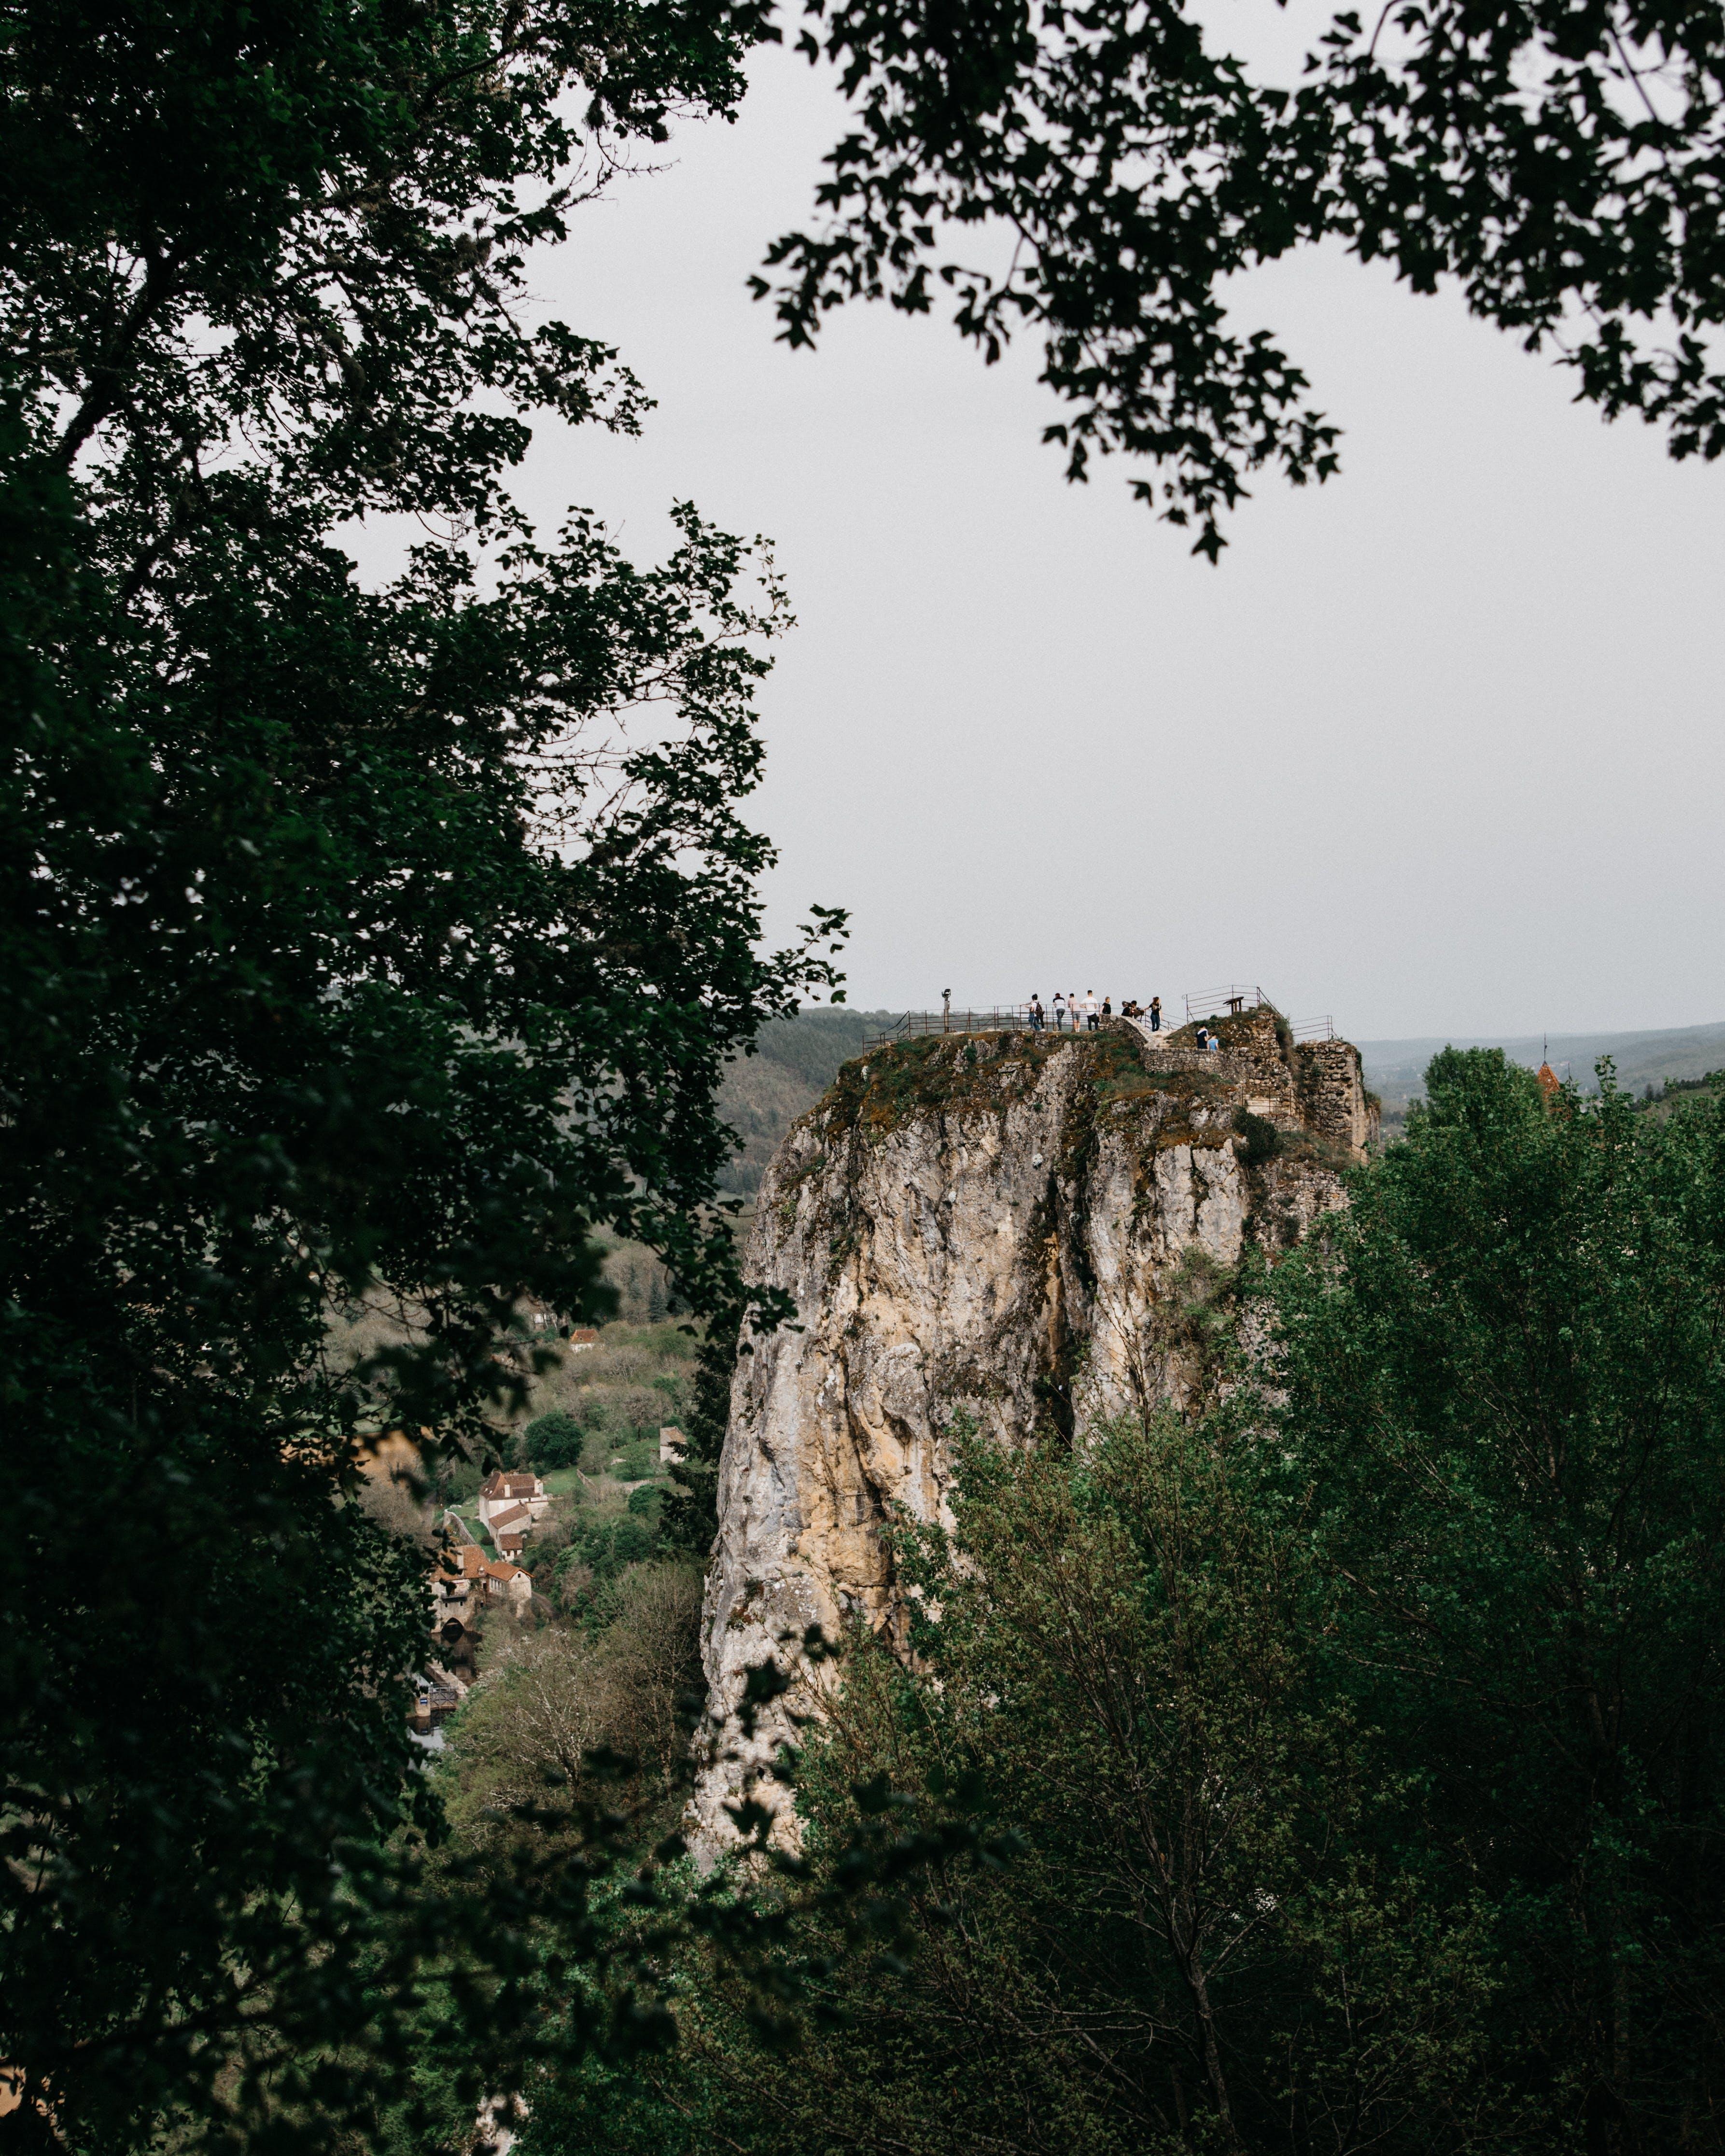 açık hava, ağaçlar, dağ, doğa içeren Ücretsiz stok fotoğraf